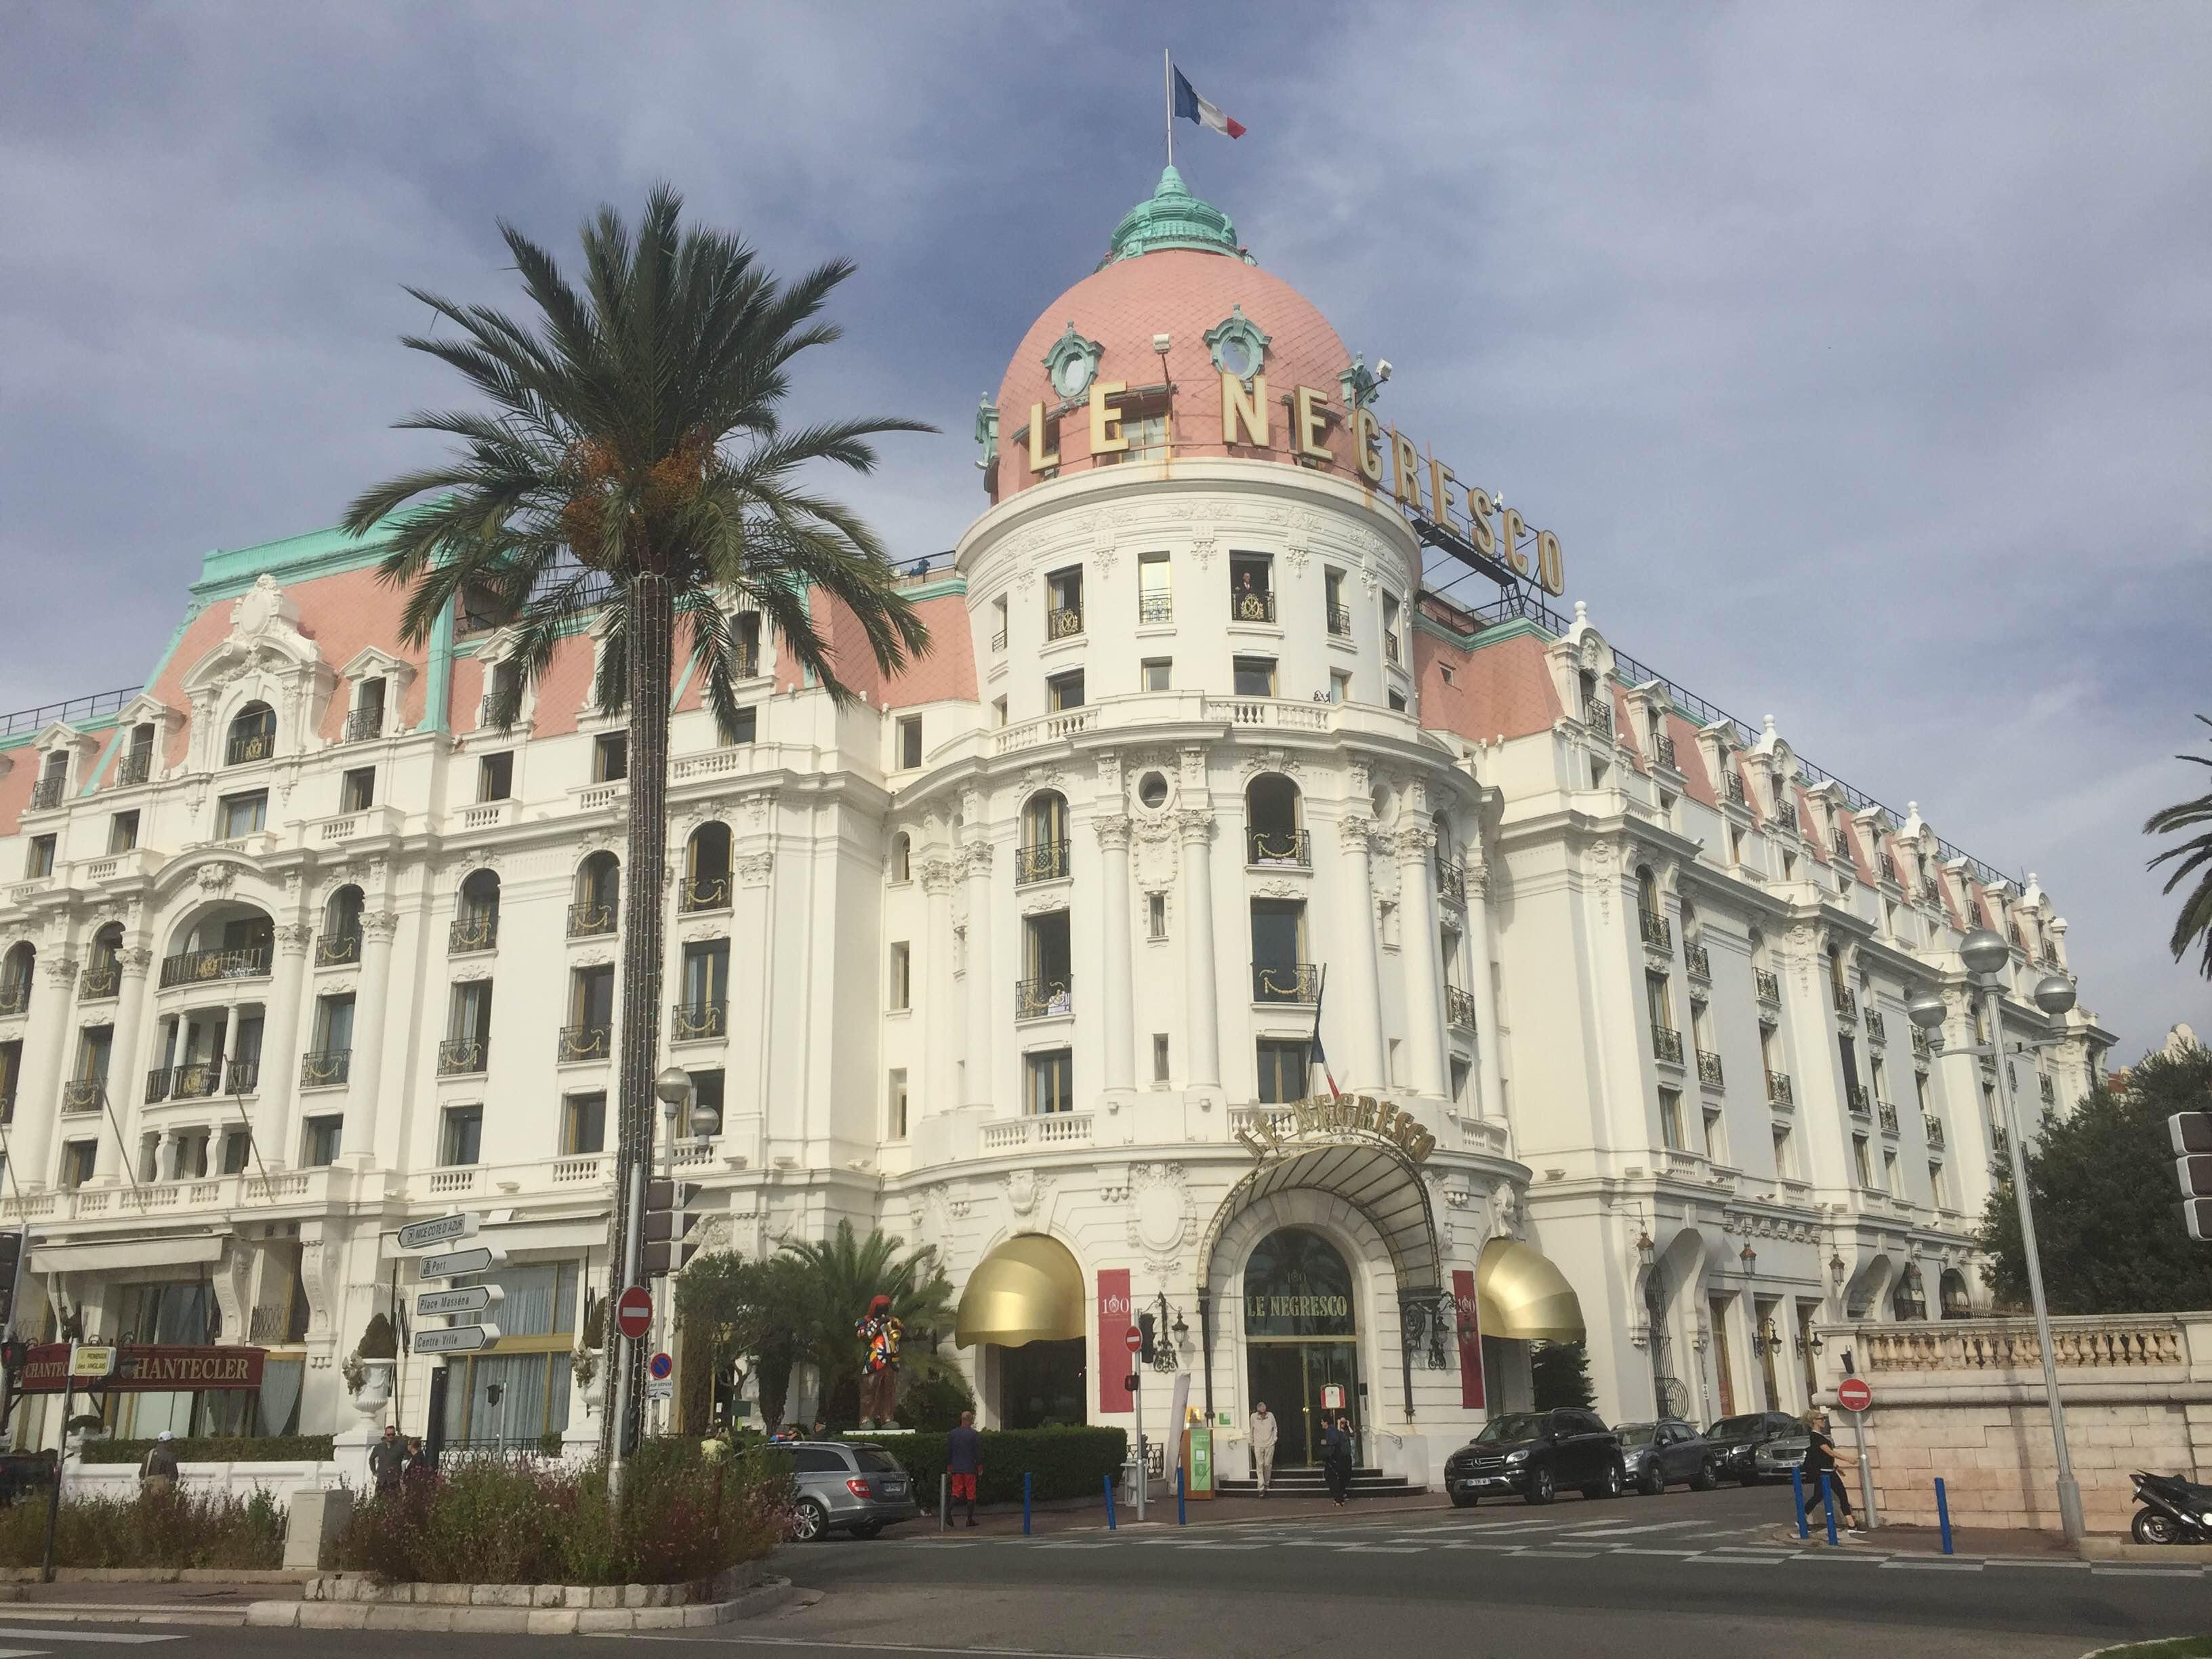 Nice je plné úžasnej architektúry (zdroj: Lucia Pálová).